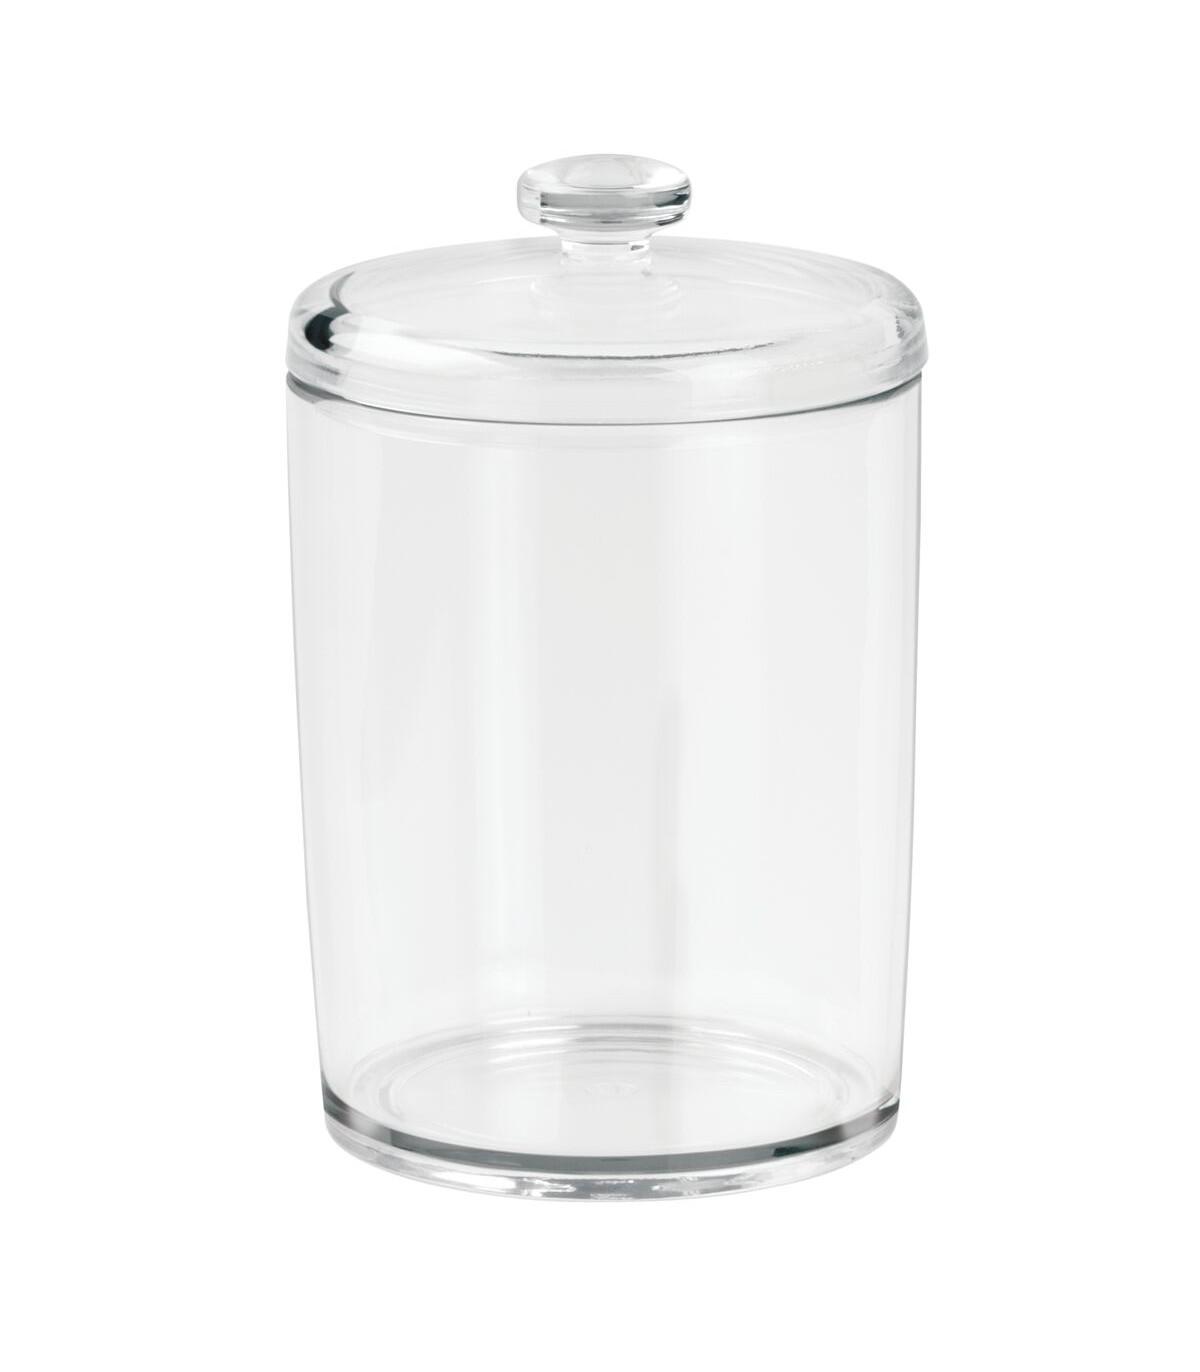 Boîte à coton avec couvercle - Transparent